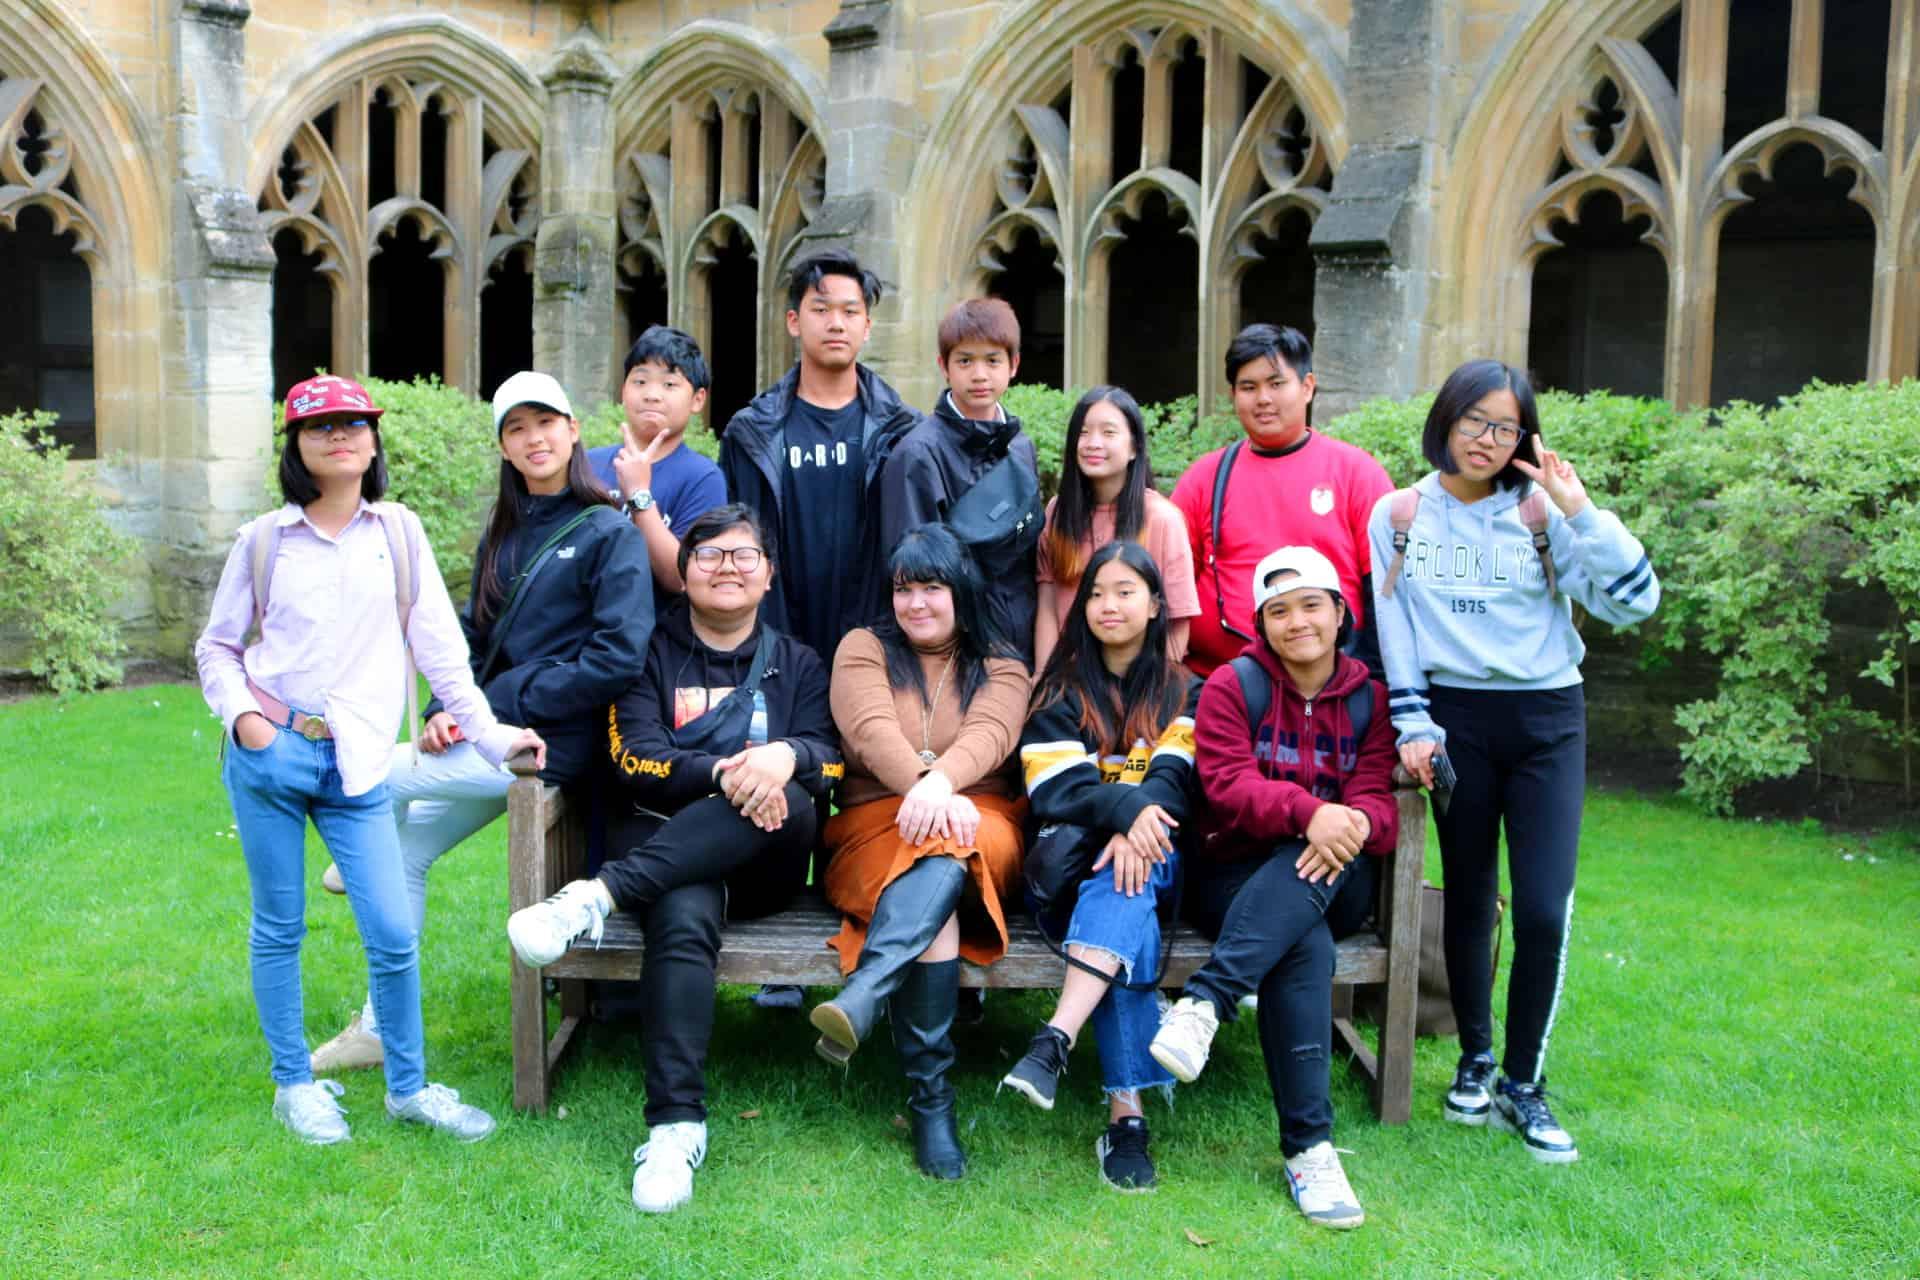 เรียนซัมเมอร์ต่างประเทศ CES English summer camp 2018 in Oxford UK